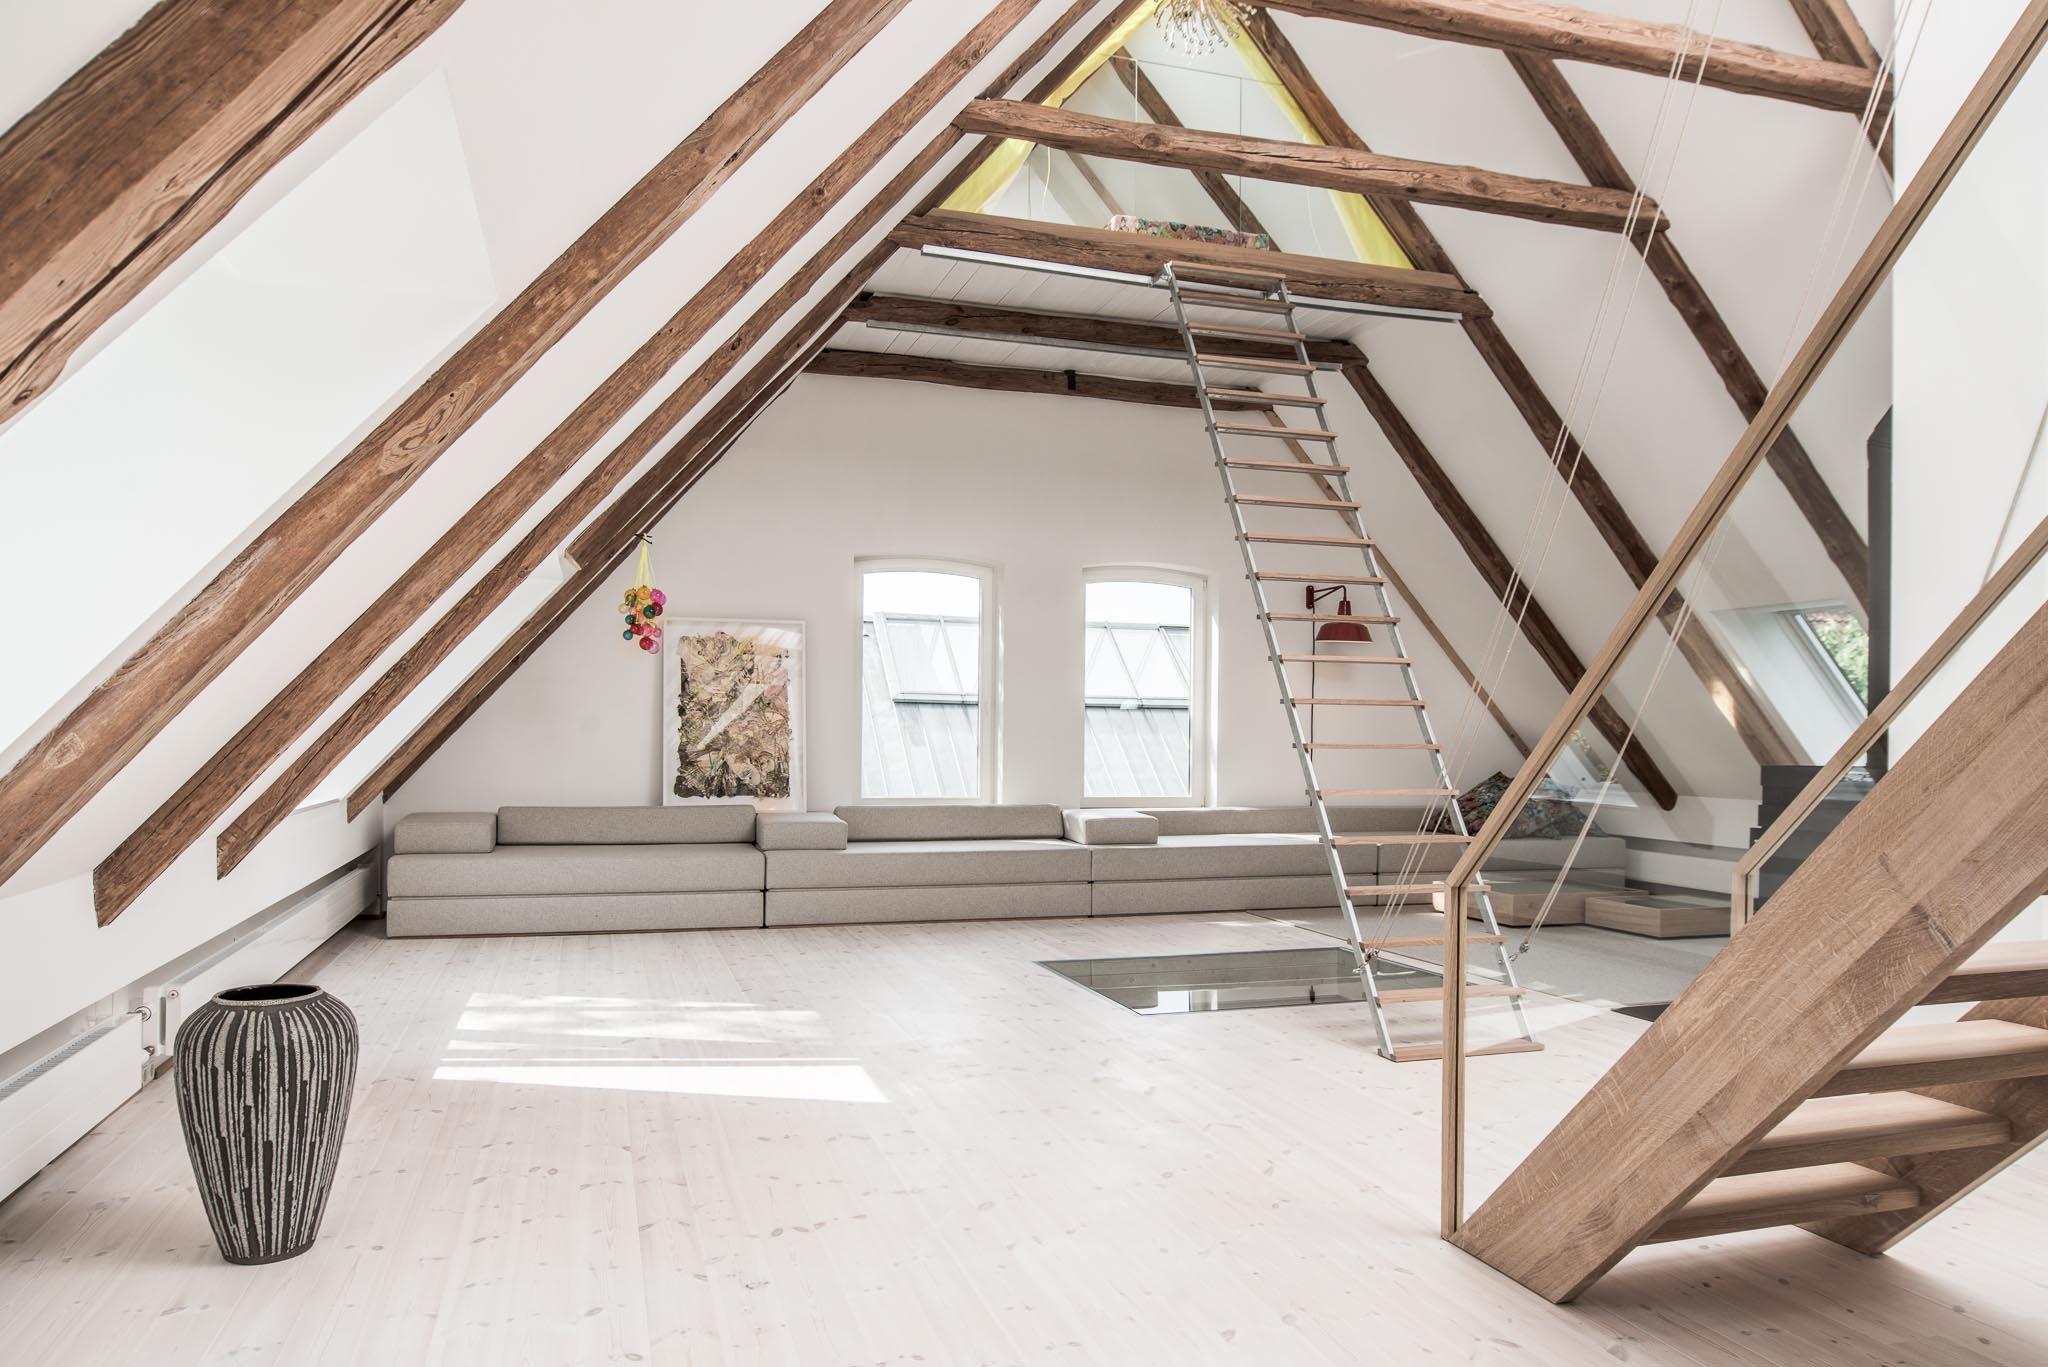 ... kiefernboden, design, modern, hell, weiss. www.welle8.com #Dachstuhl